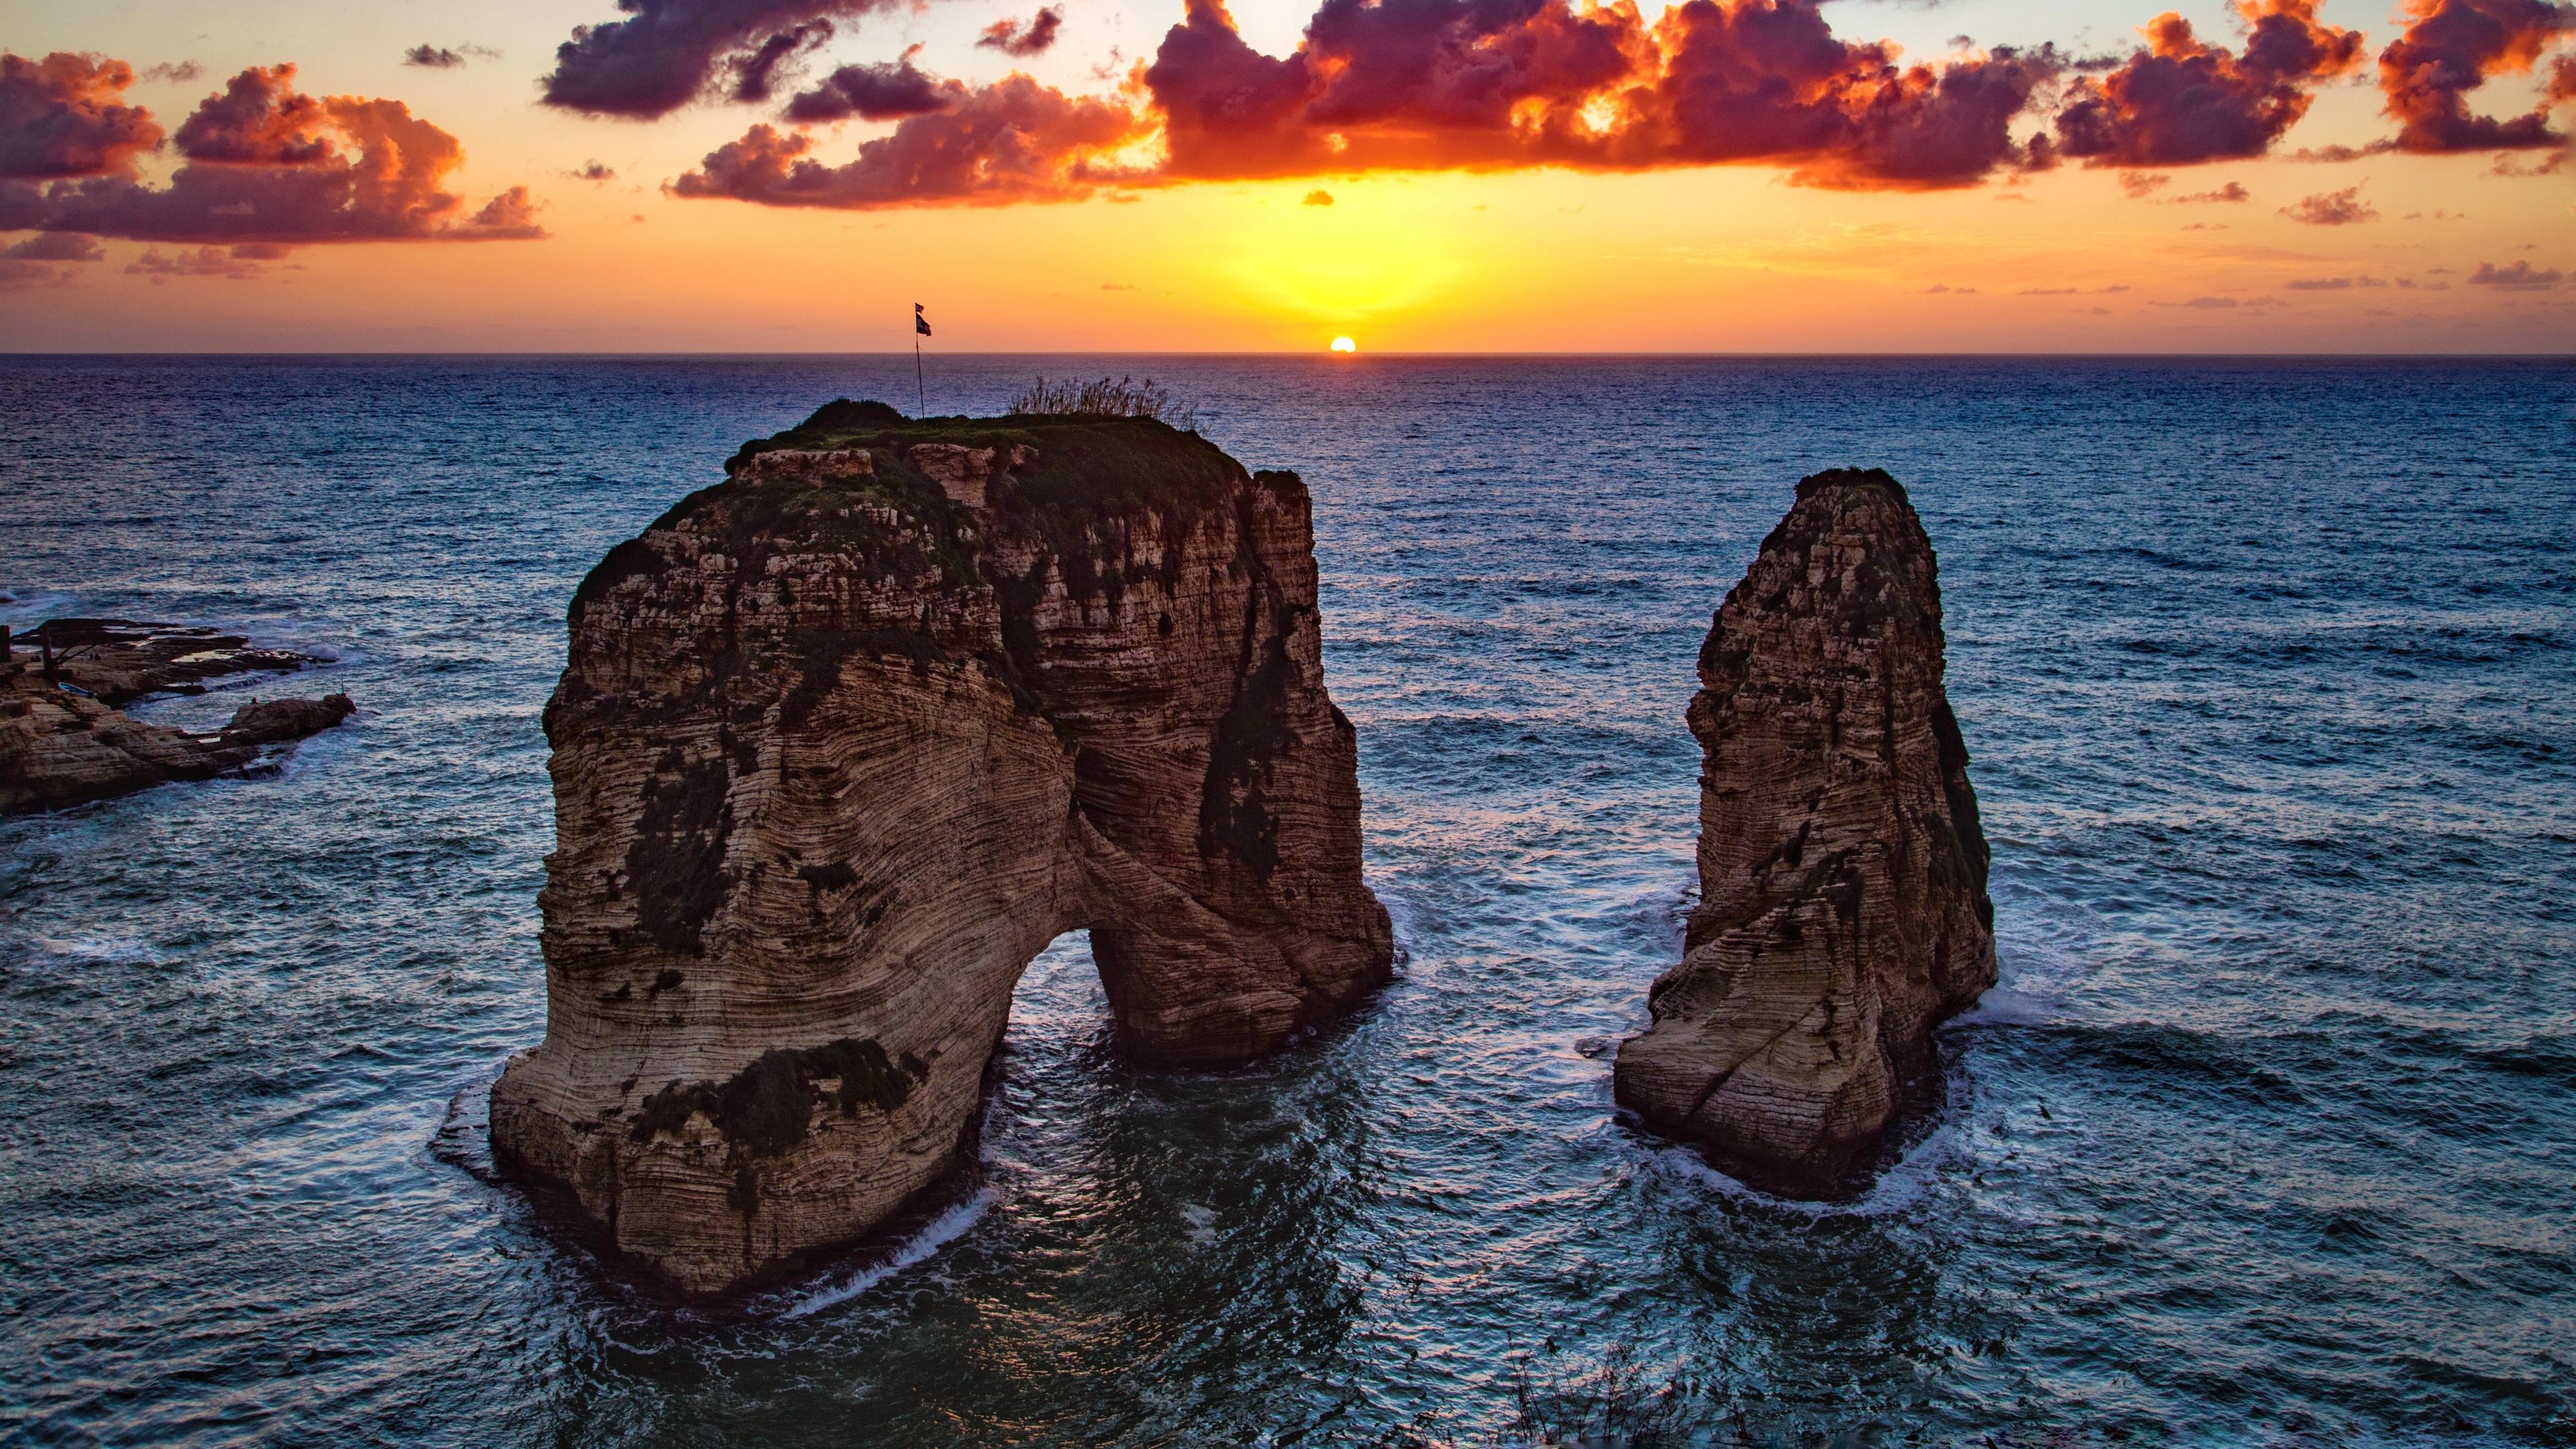 raouche rocks beirut lebanon sea sunset 4k 1541117831 - raouche rocks, beirut, lebanon, sea, sunset 4k - raouche rocks, lebanon, beirut